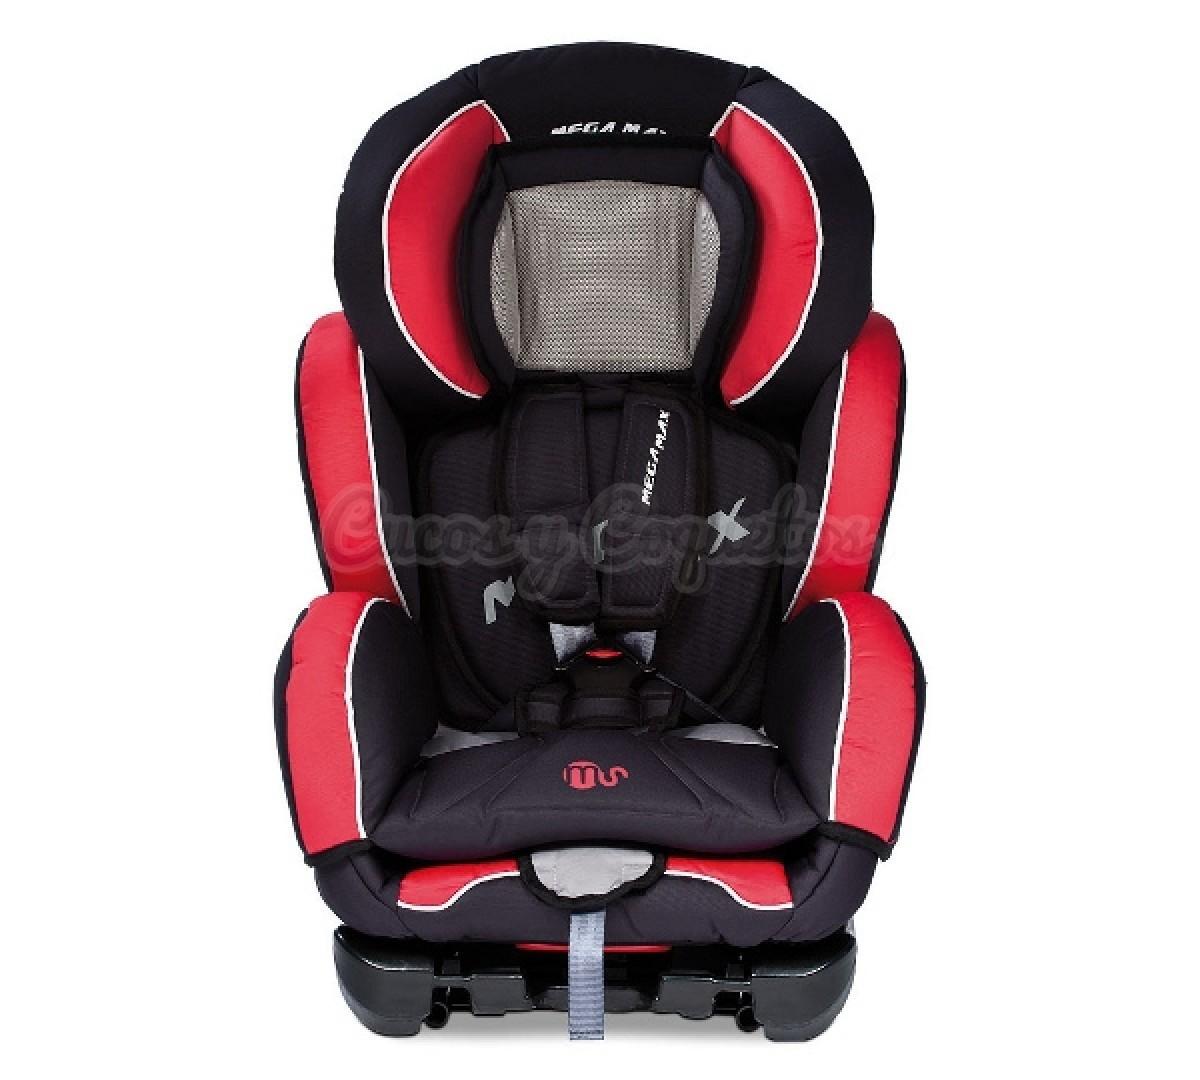 Silla auto 1 2 3 megamax regalos para beb s canastillas - Silla 1 2 3 reclinable ...